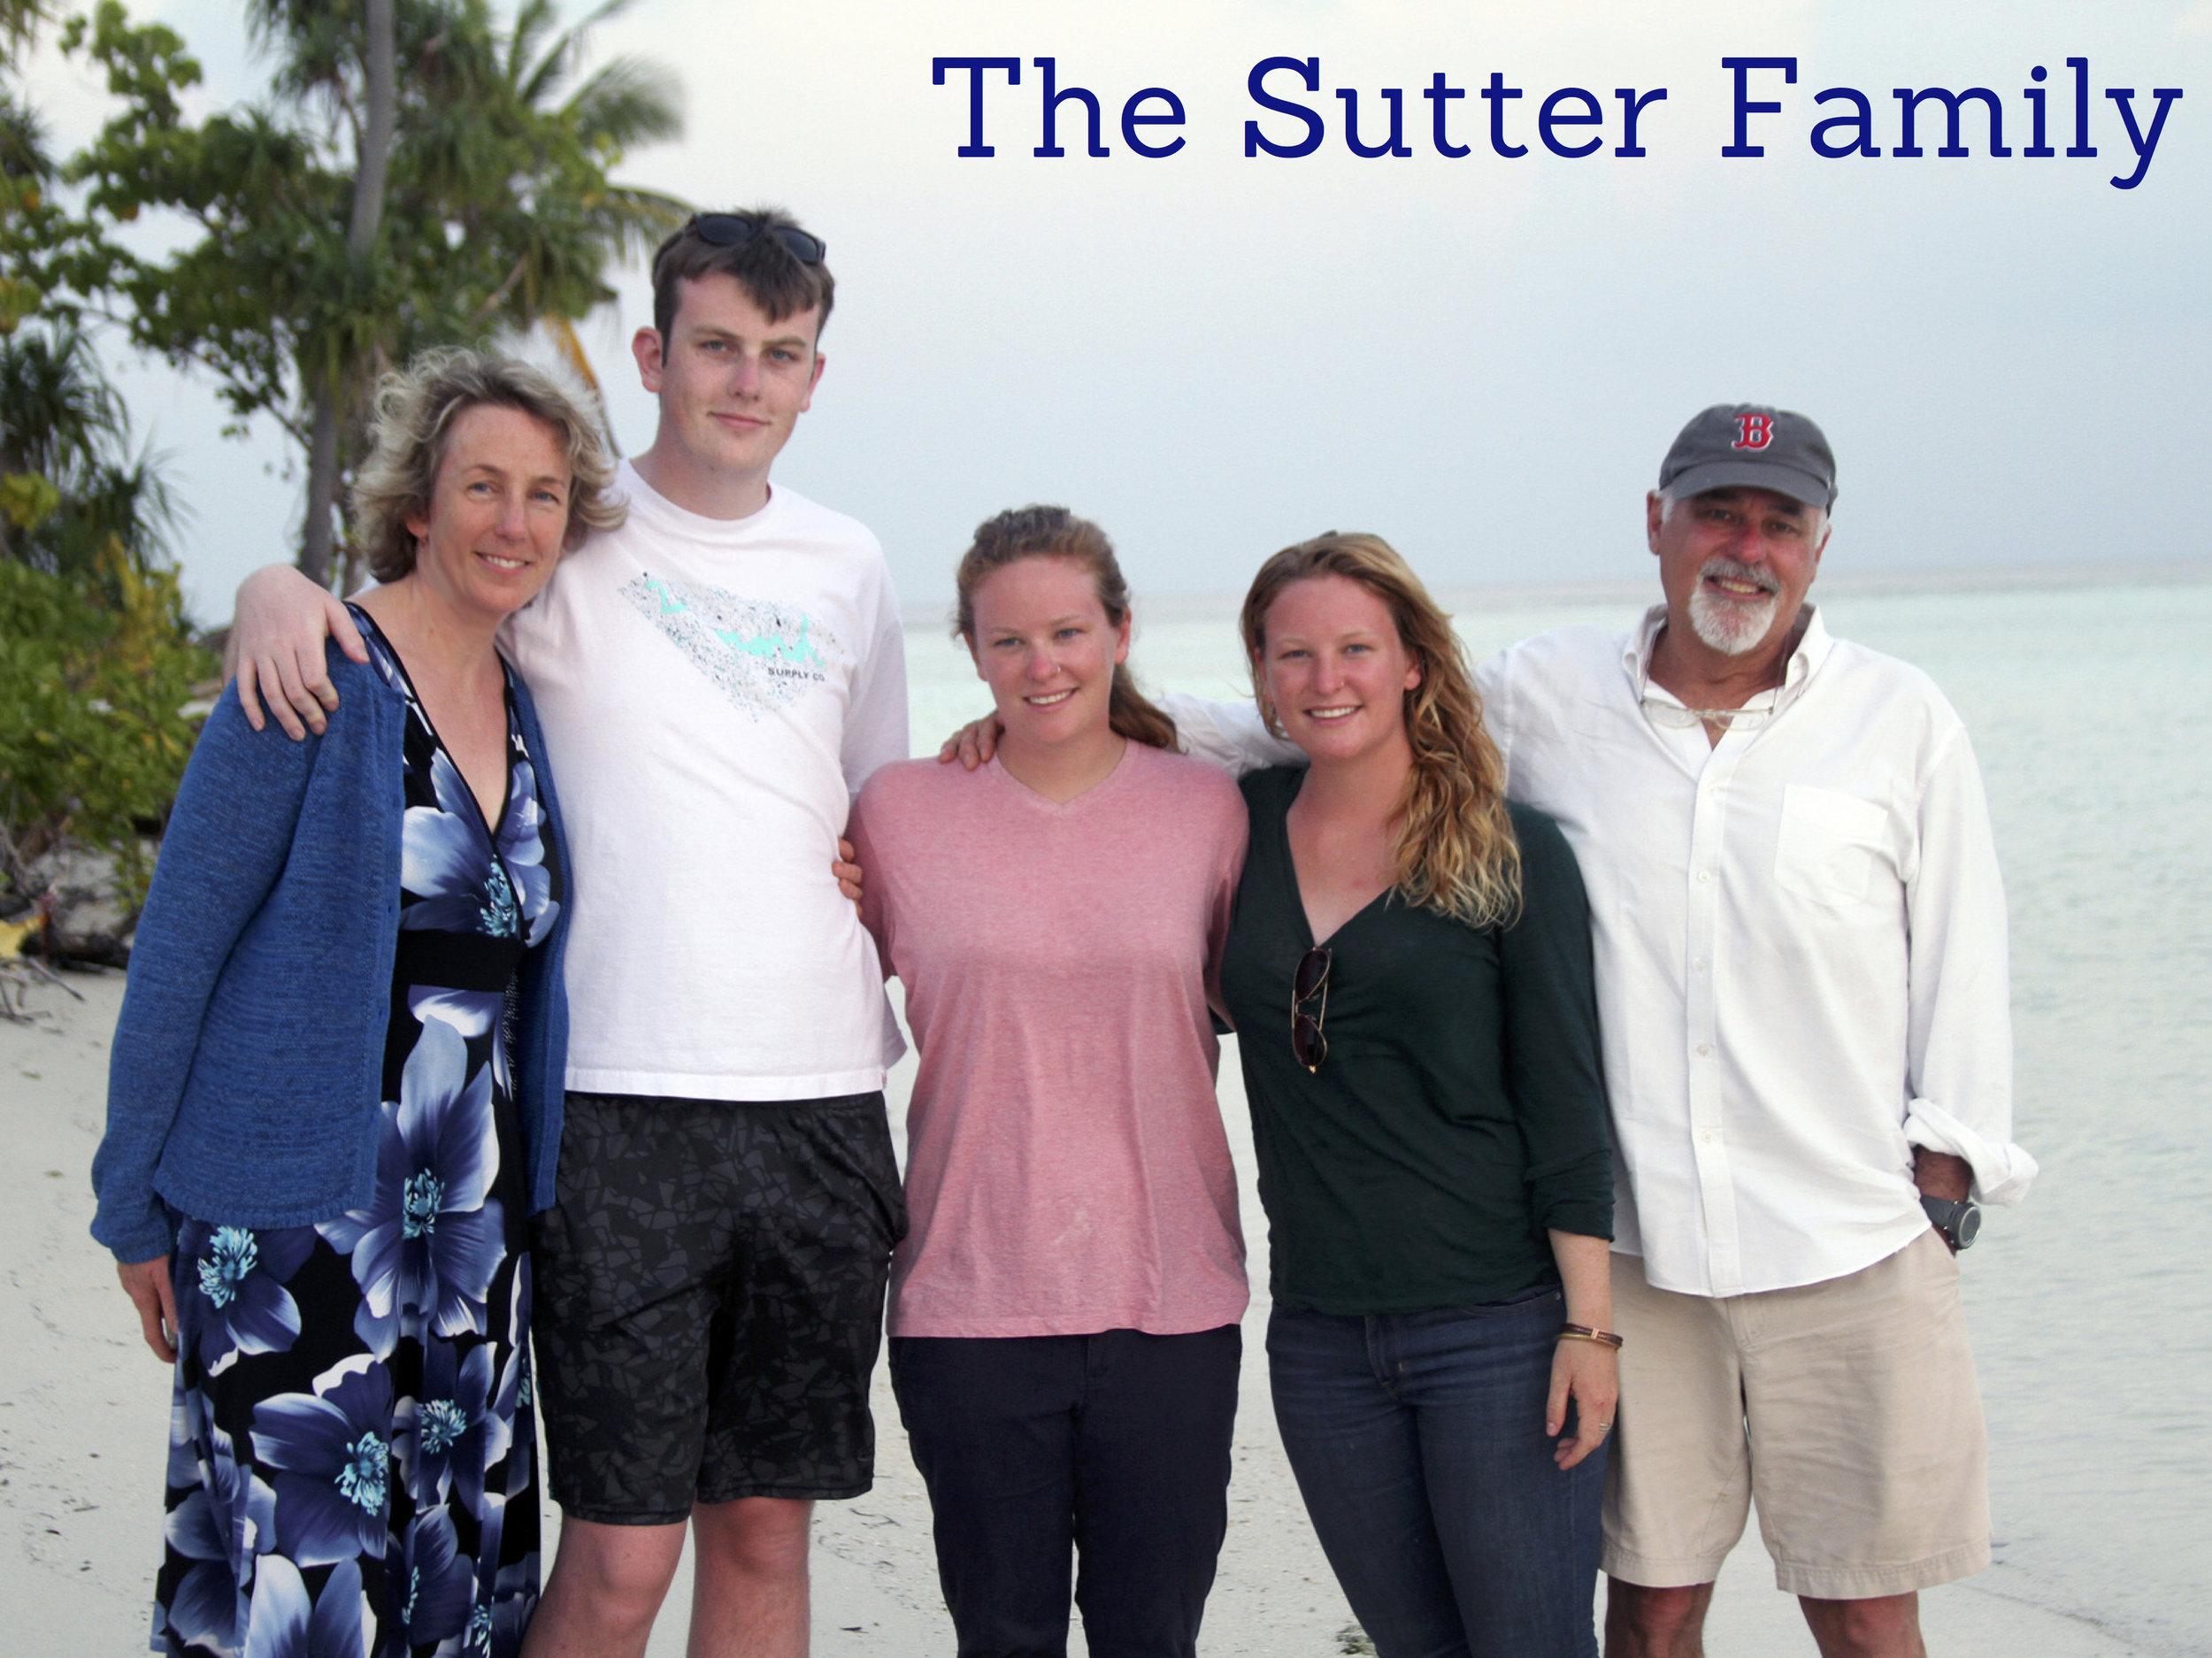 The Sutter Family.jpg